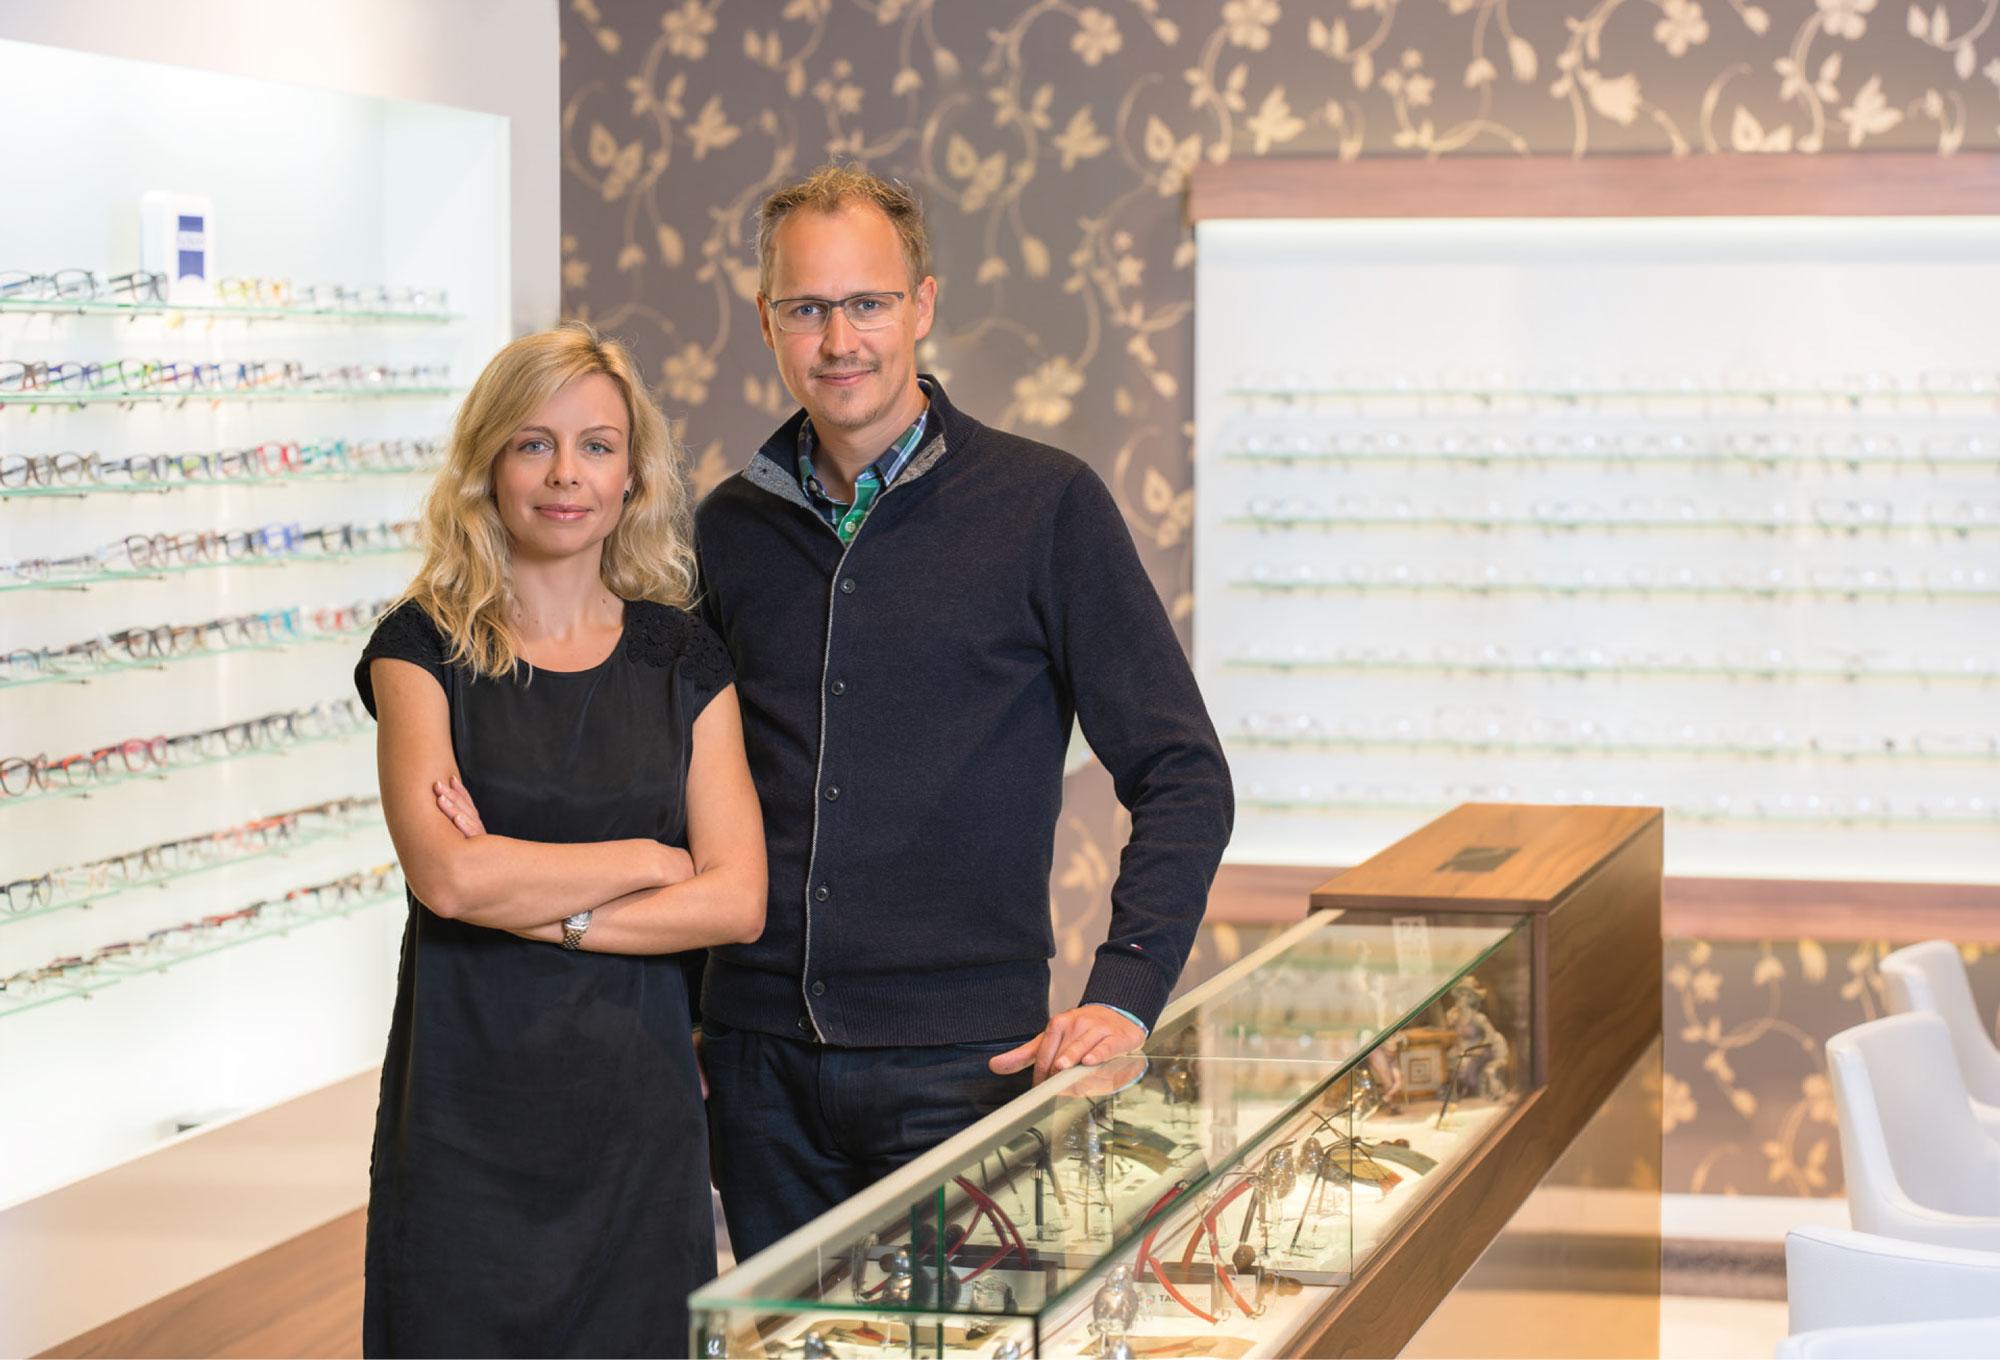 Ehepaar Katrin und Matthias Sagawe im Doberaner Hof